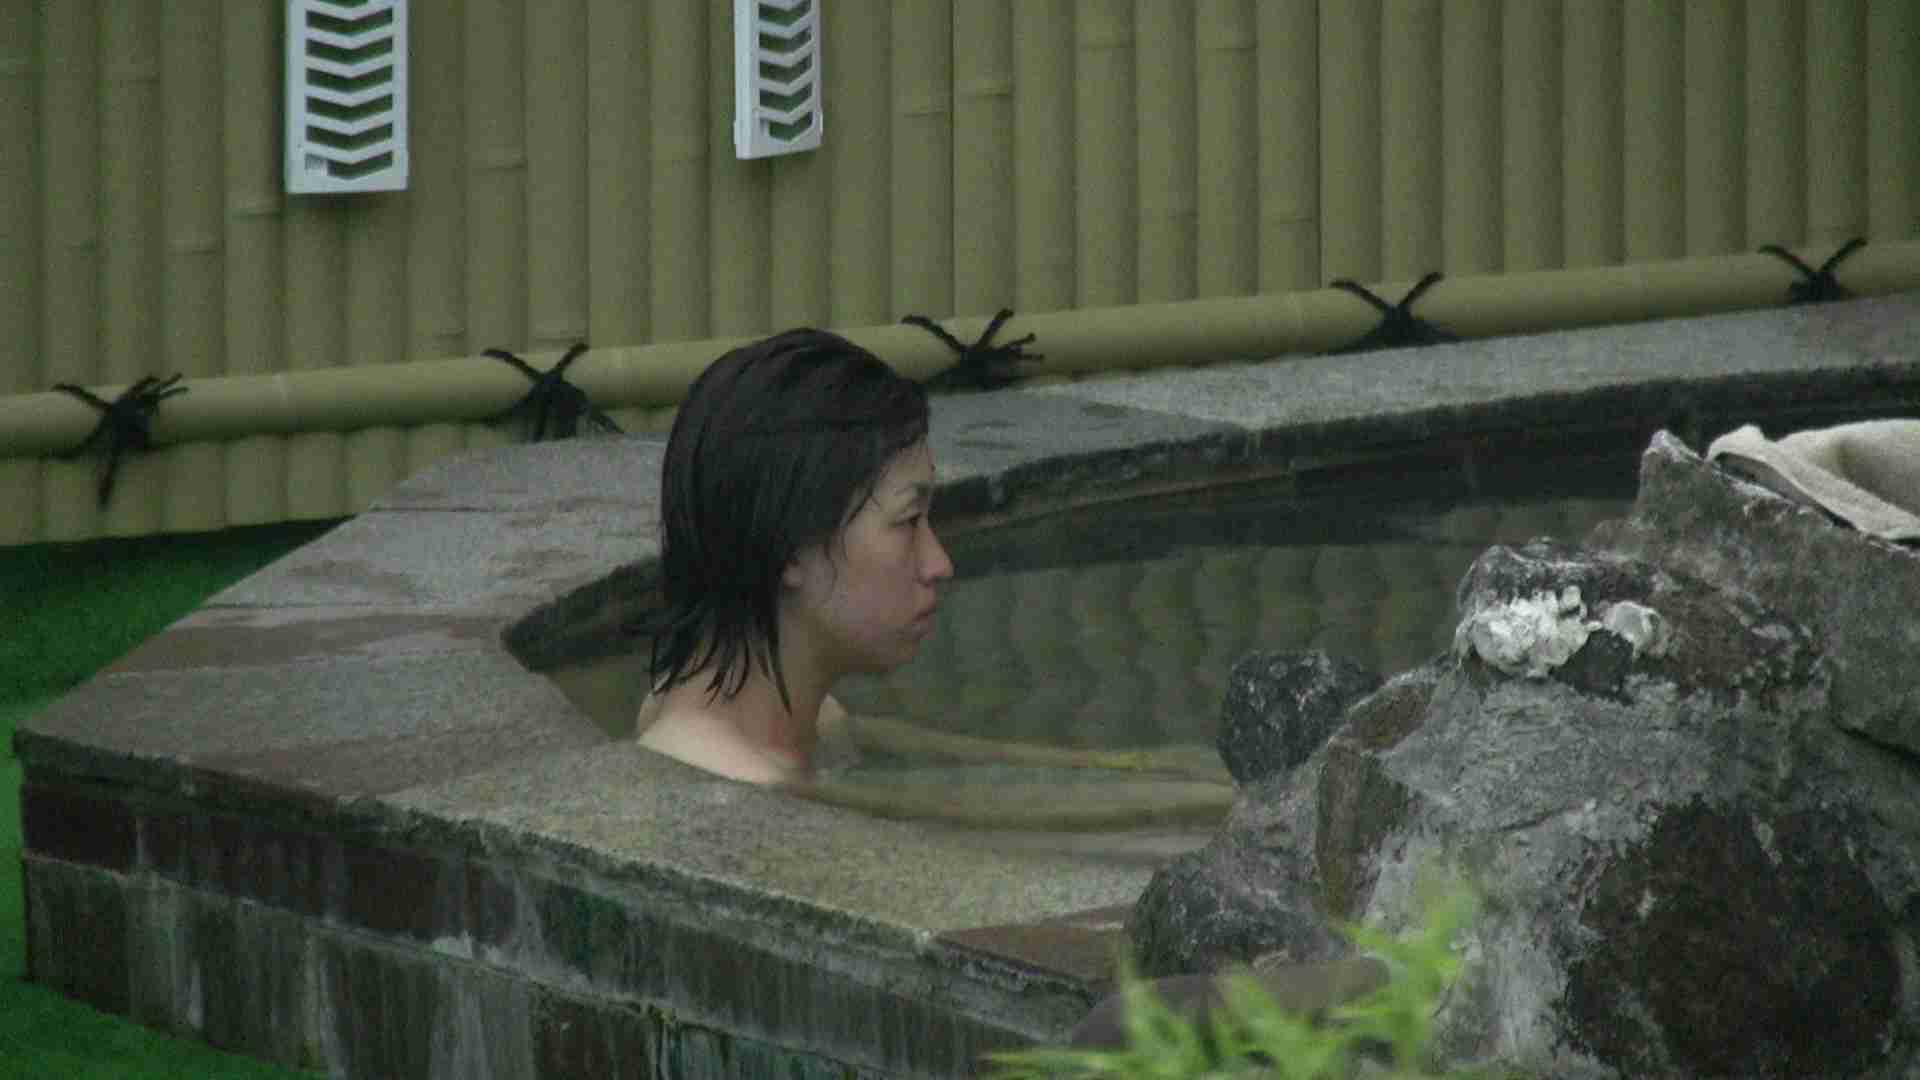 Aquaな露天風呂Vol.170 盗撮  54画像 54